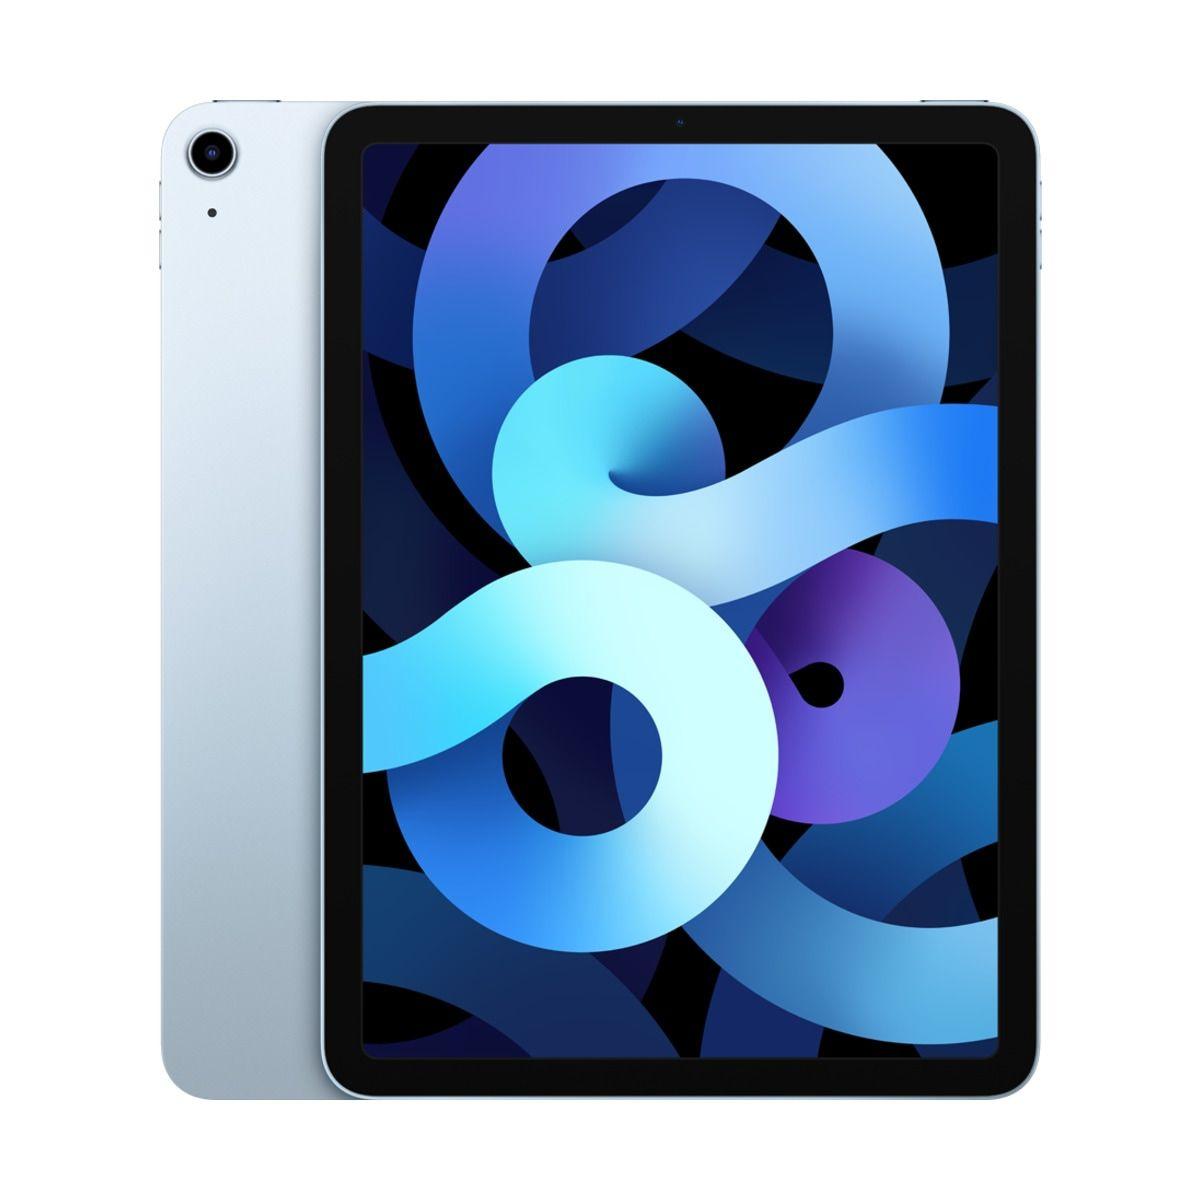 Apple iPad Air Wi-Fi 256GB - Sky Blue